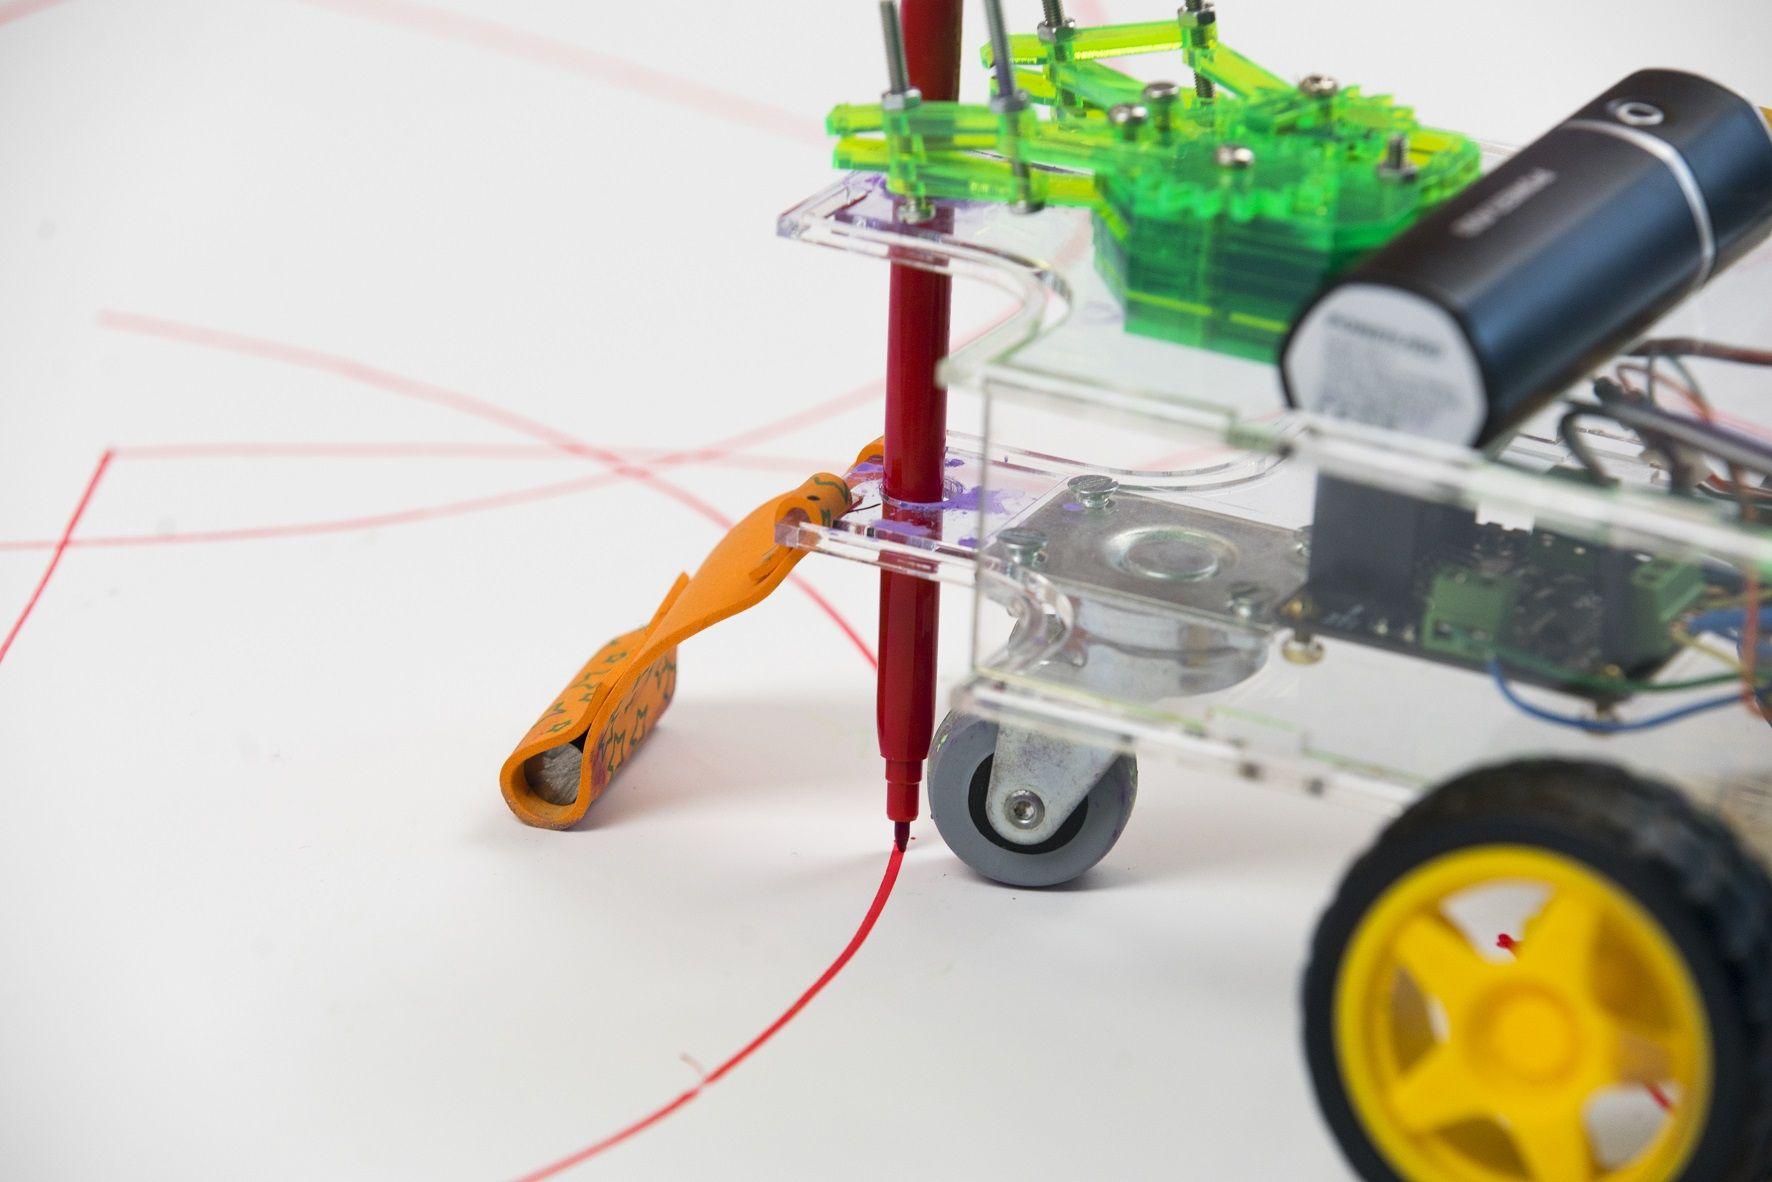 Foto de Robo Art Fighters, una actividad donde los robots pintan un